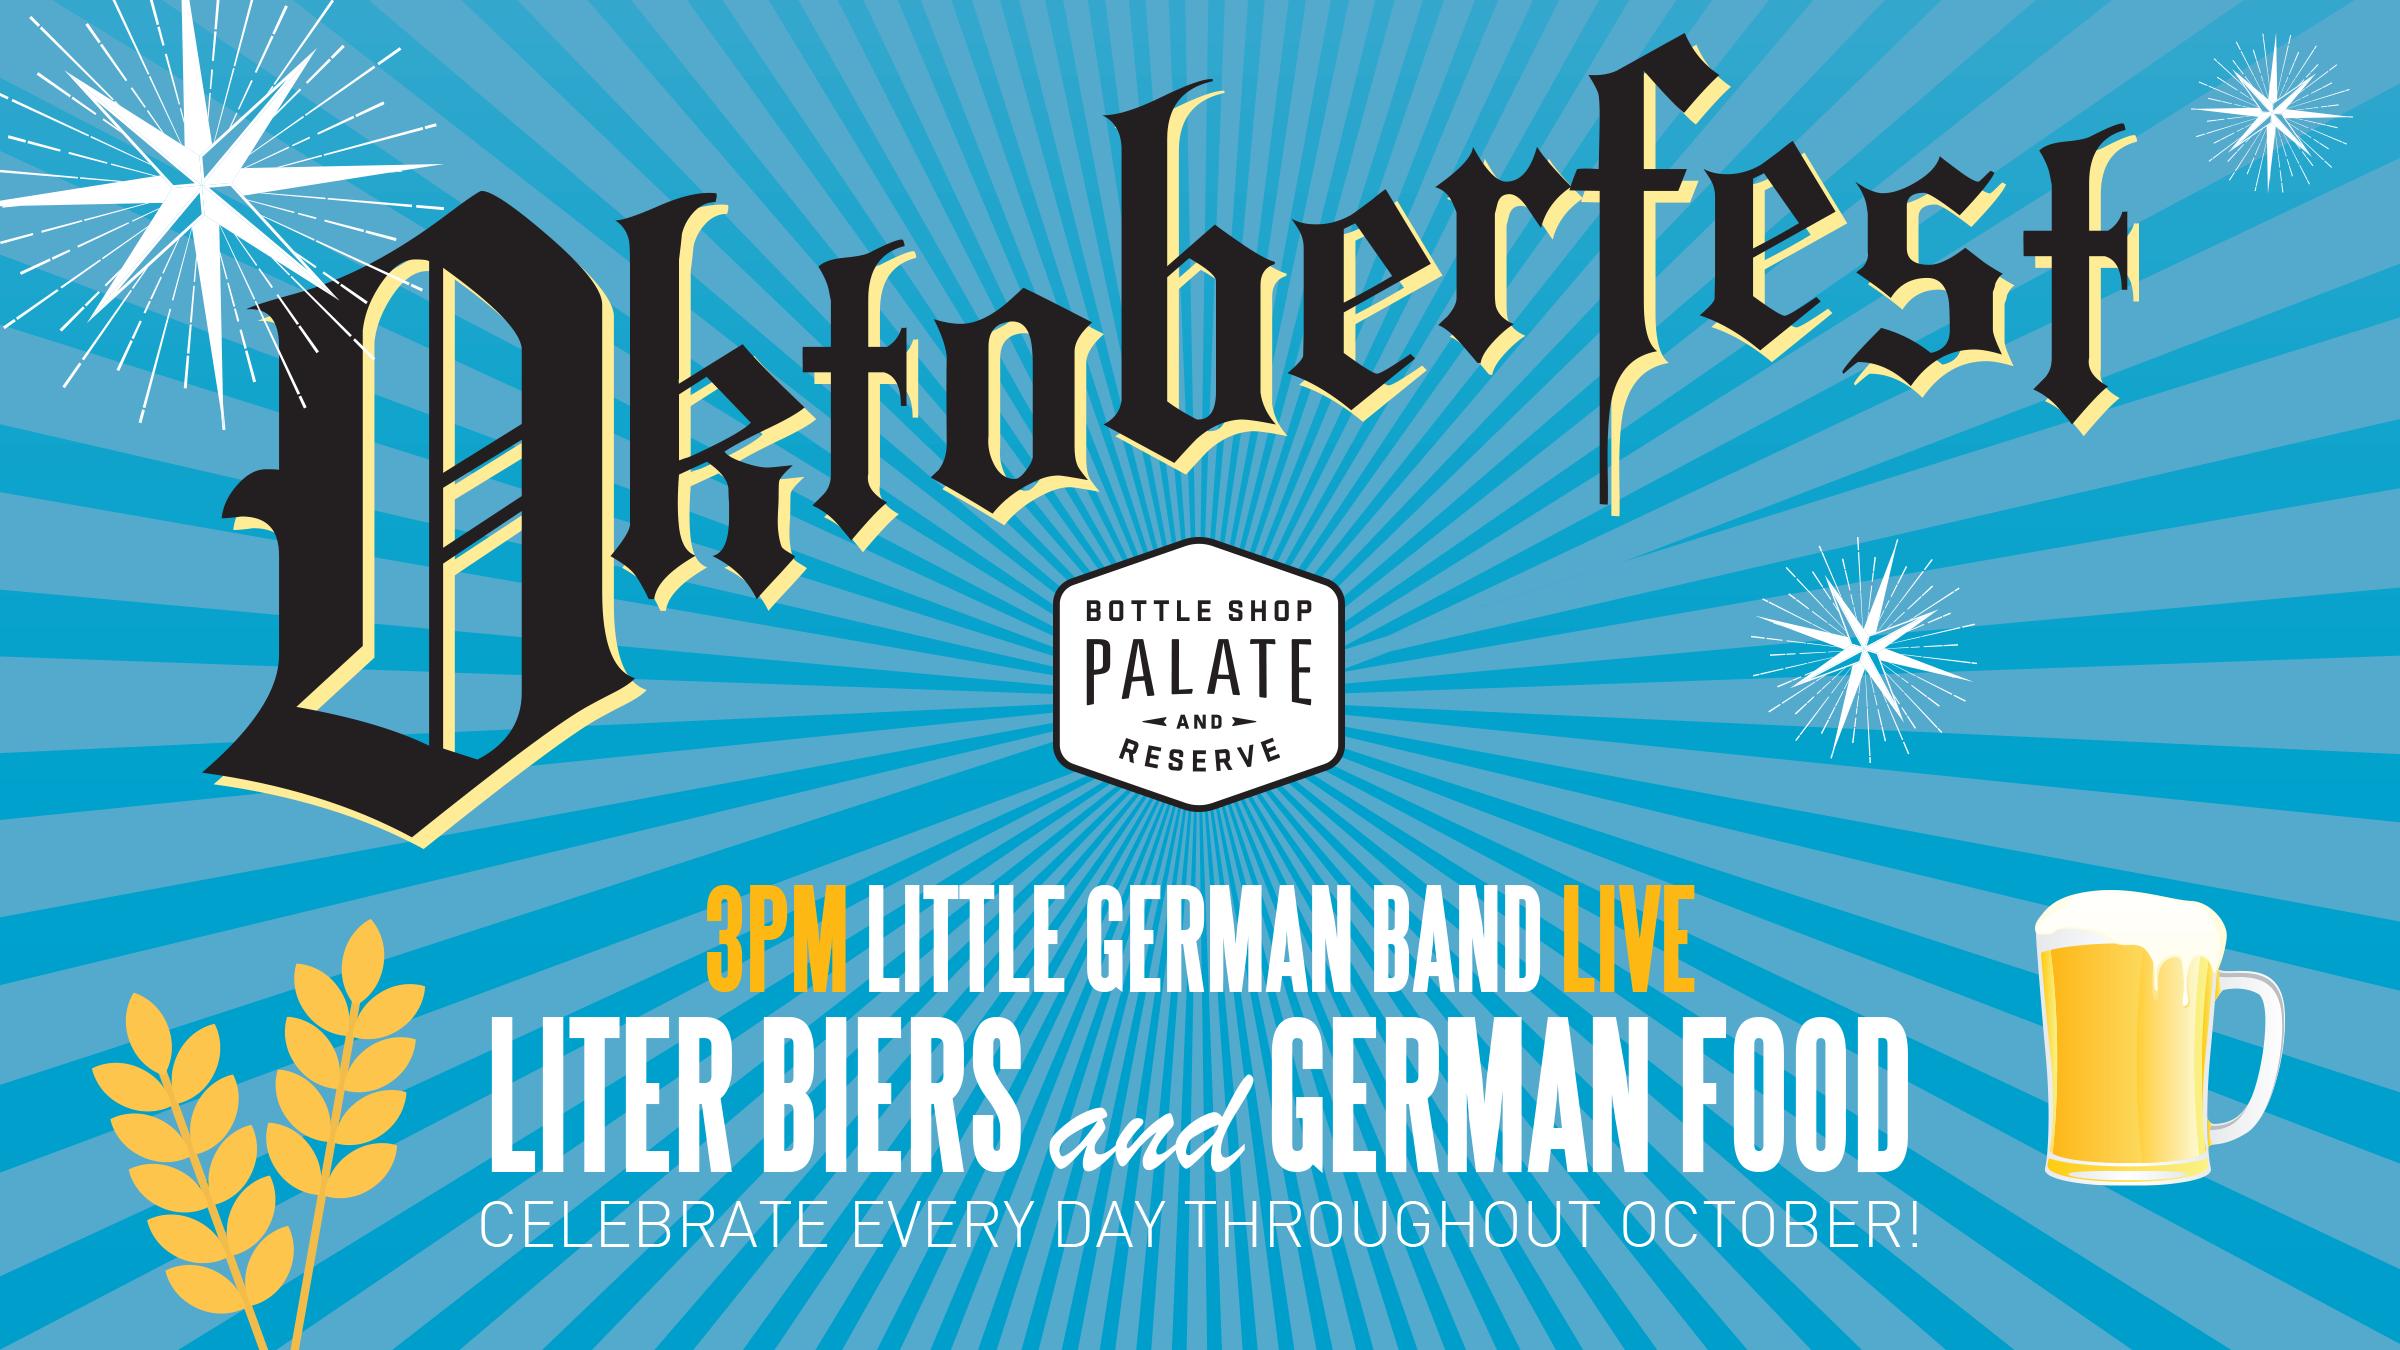 FB-Palate-Oktoberfest.png